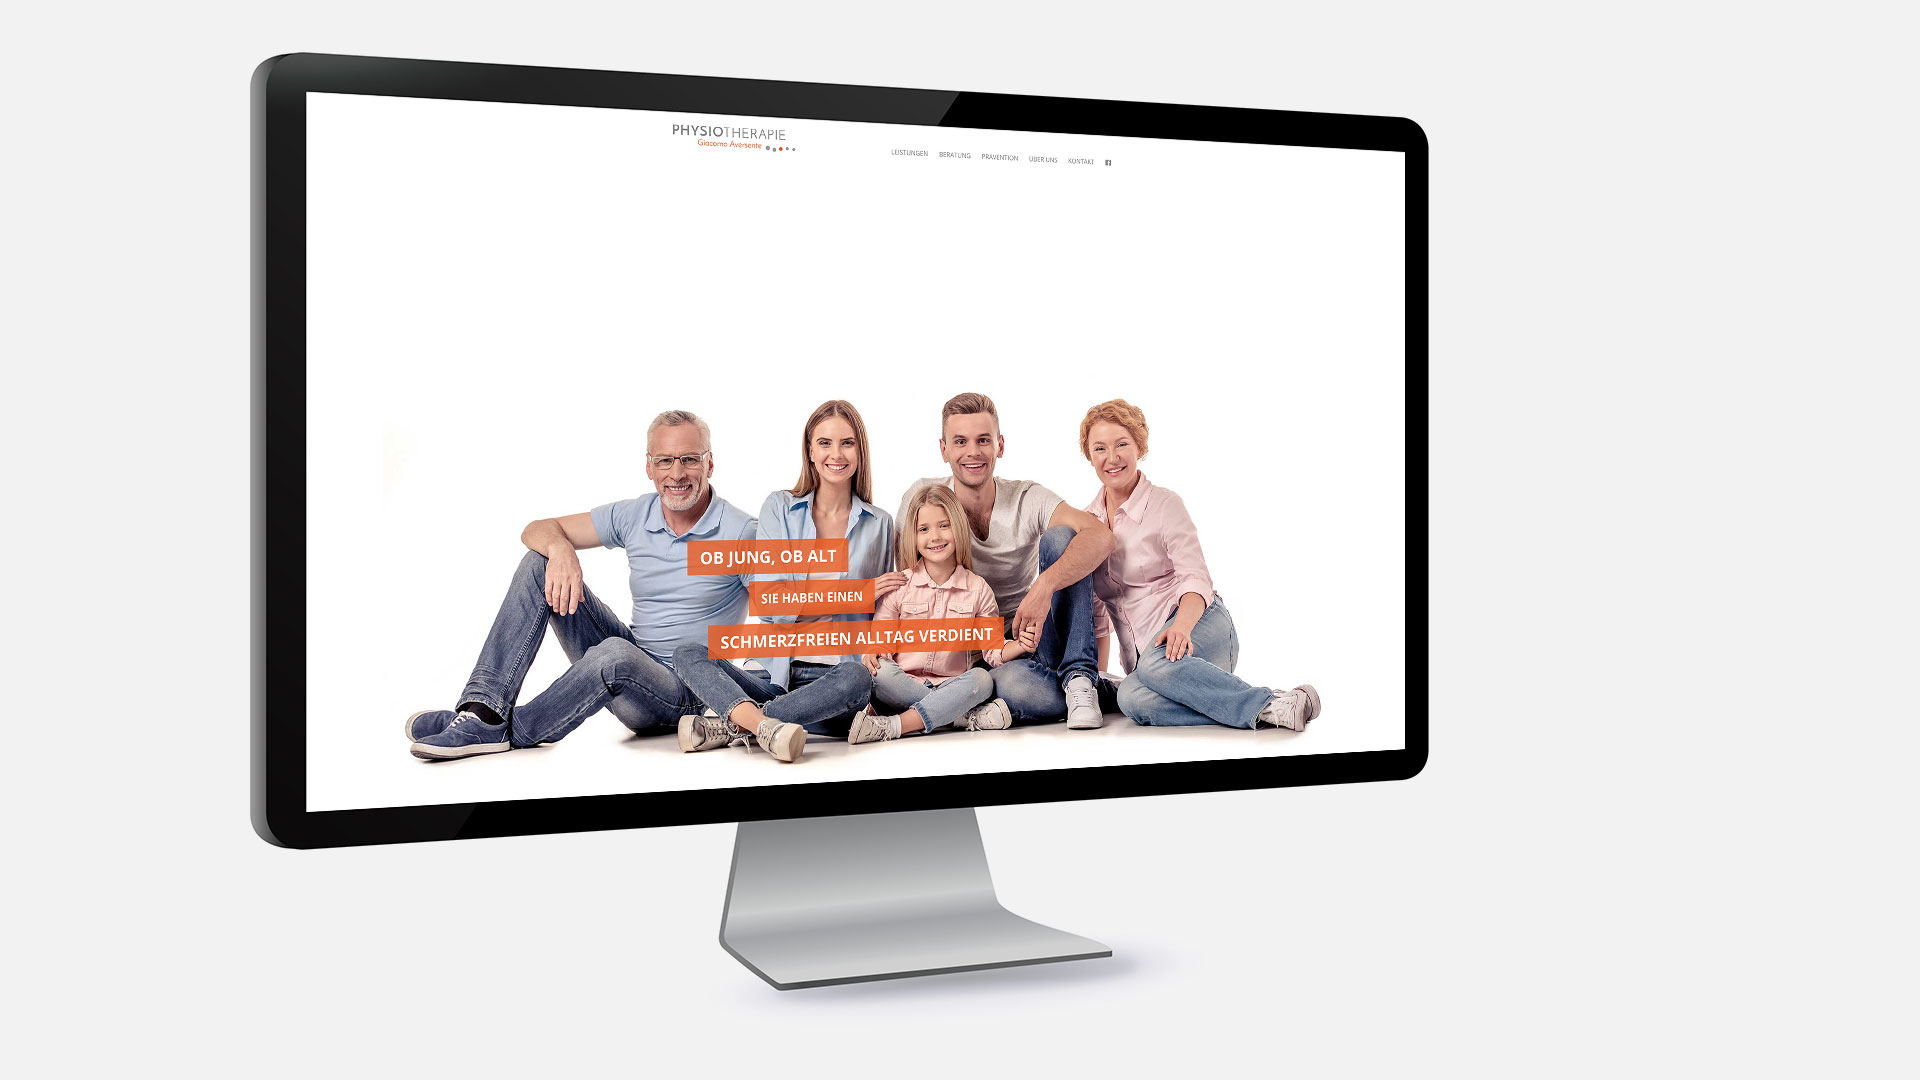 Physiotherapie Remscheid - Website